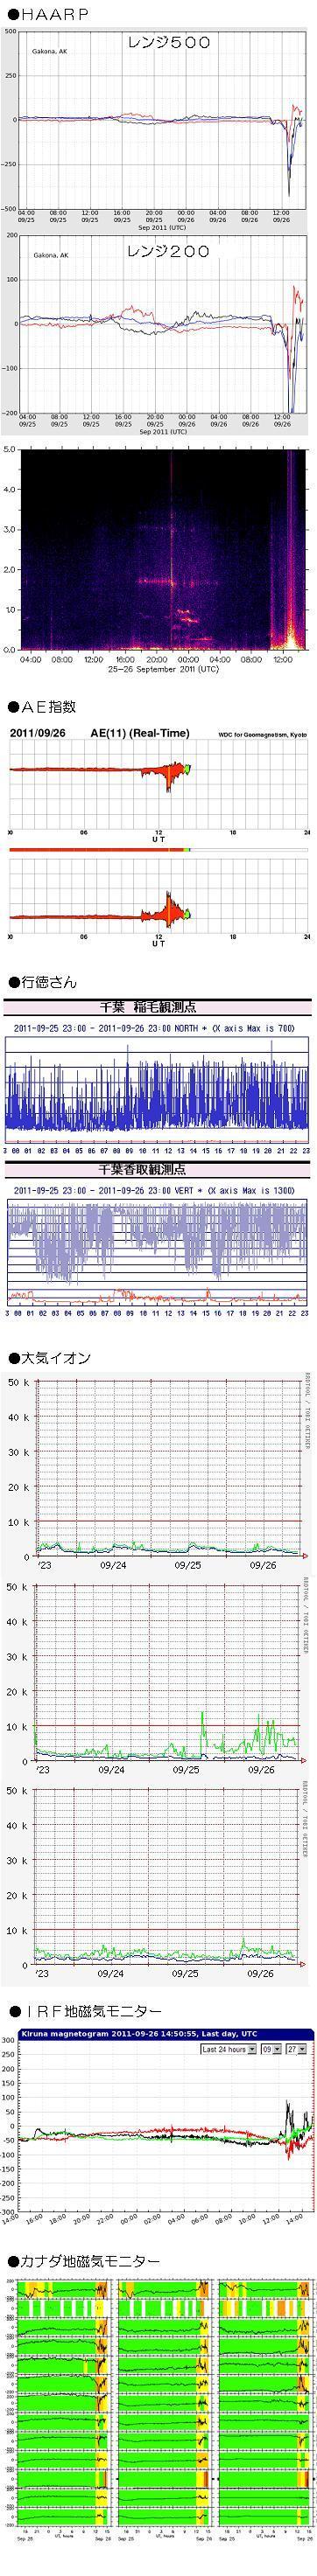 0927-1 データ